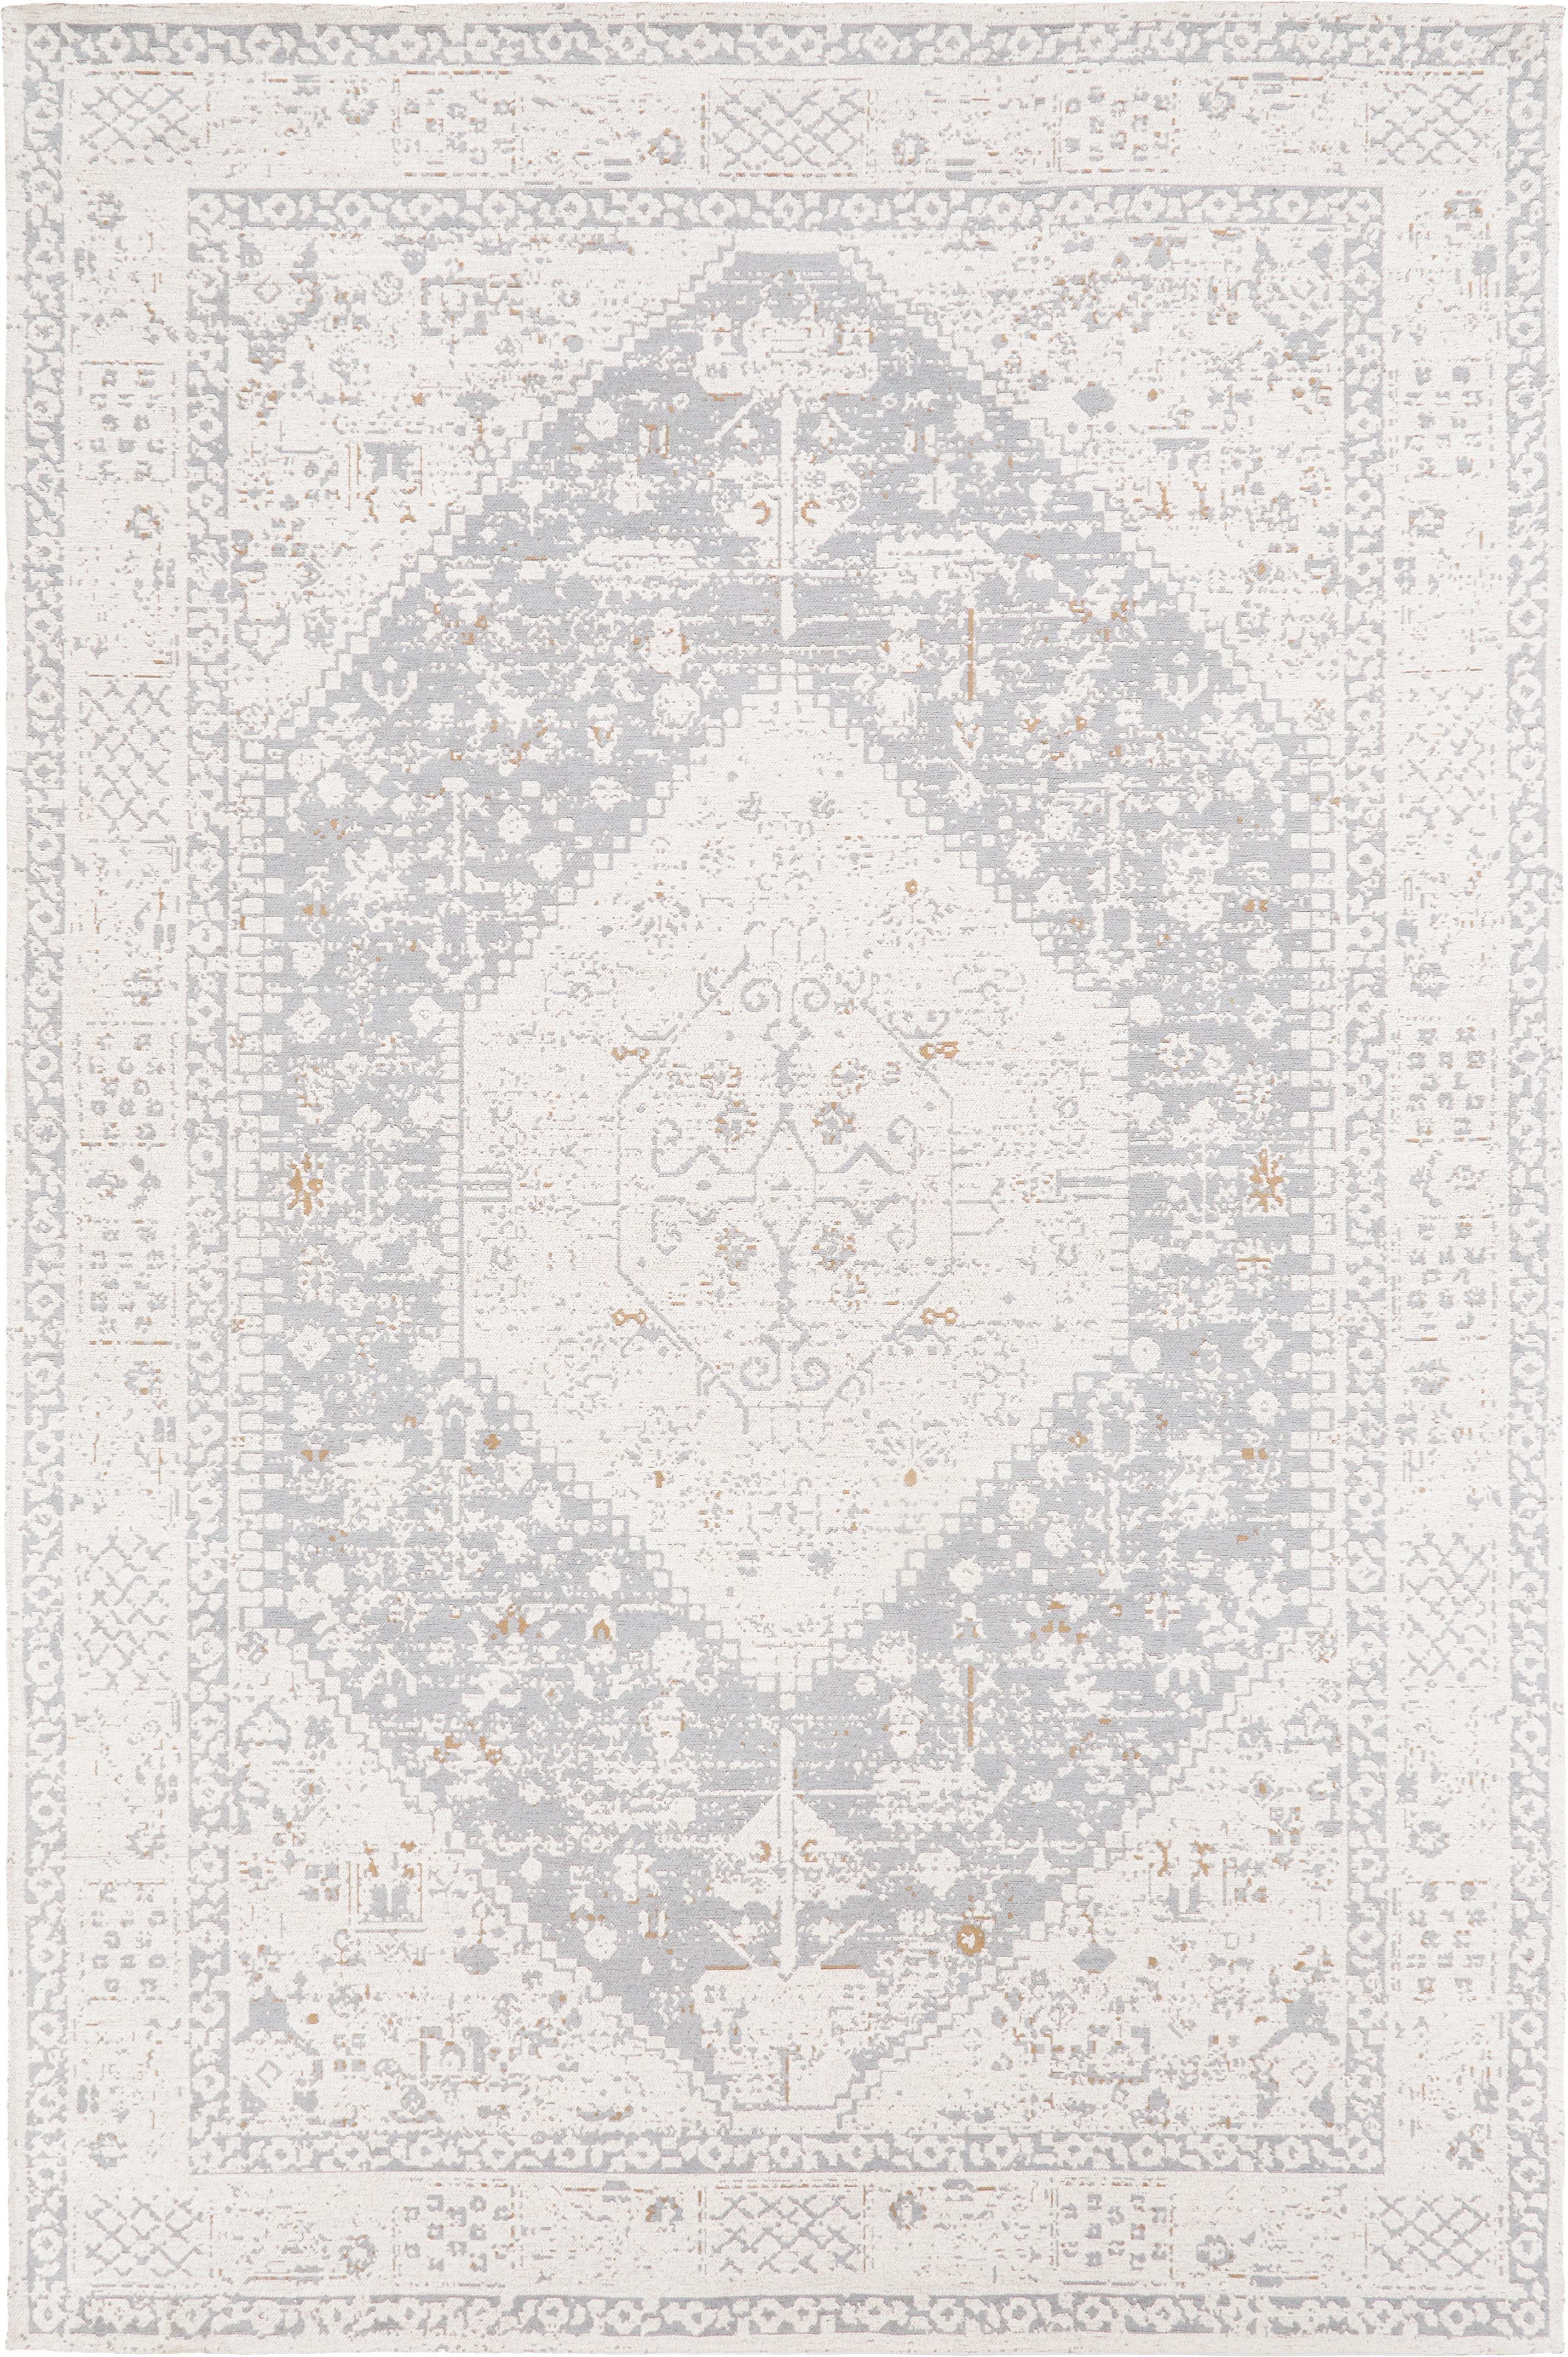 Tappeto in ciniglia tessuto a mano Neapel, Retro: 100% cotone, Grigio chiaro, crema, taupe, Larg. 160 x Lung. 230 cm